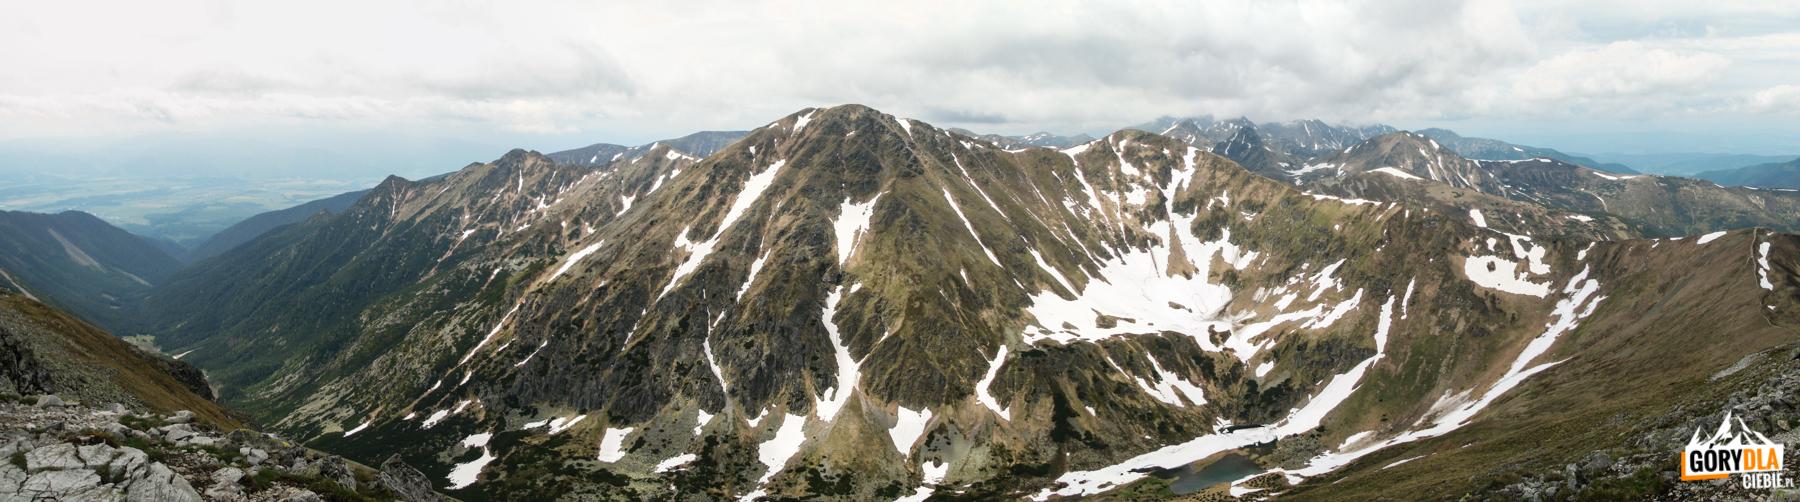 Widok zeszczytu Starorobociańskiego Wierchu (2176 m) nagrań Otargańców, Raczkową Czubę (2194 m), Jarząbczy Wierch (2137 m), Rohacze, iWołowiec (2064 m)